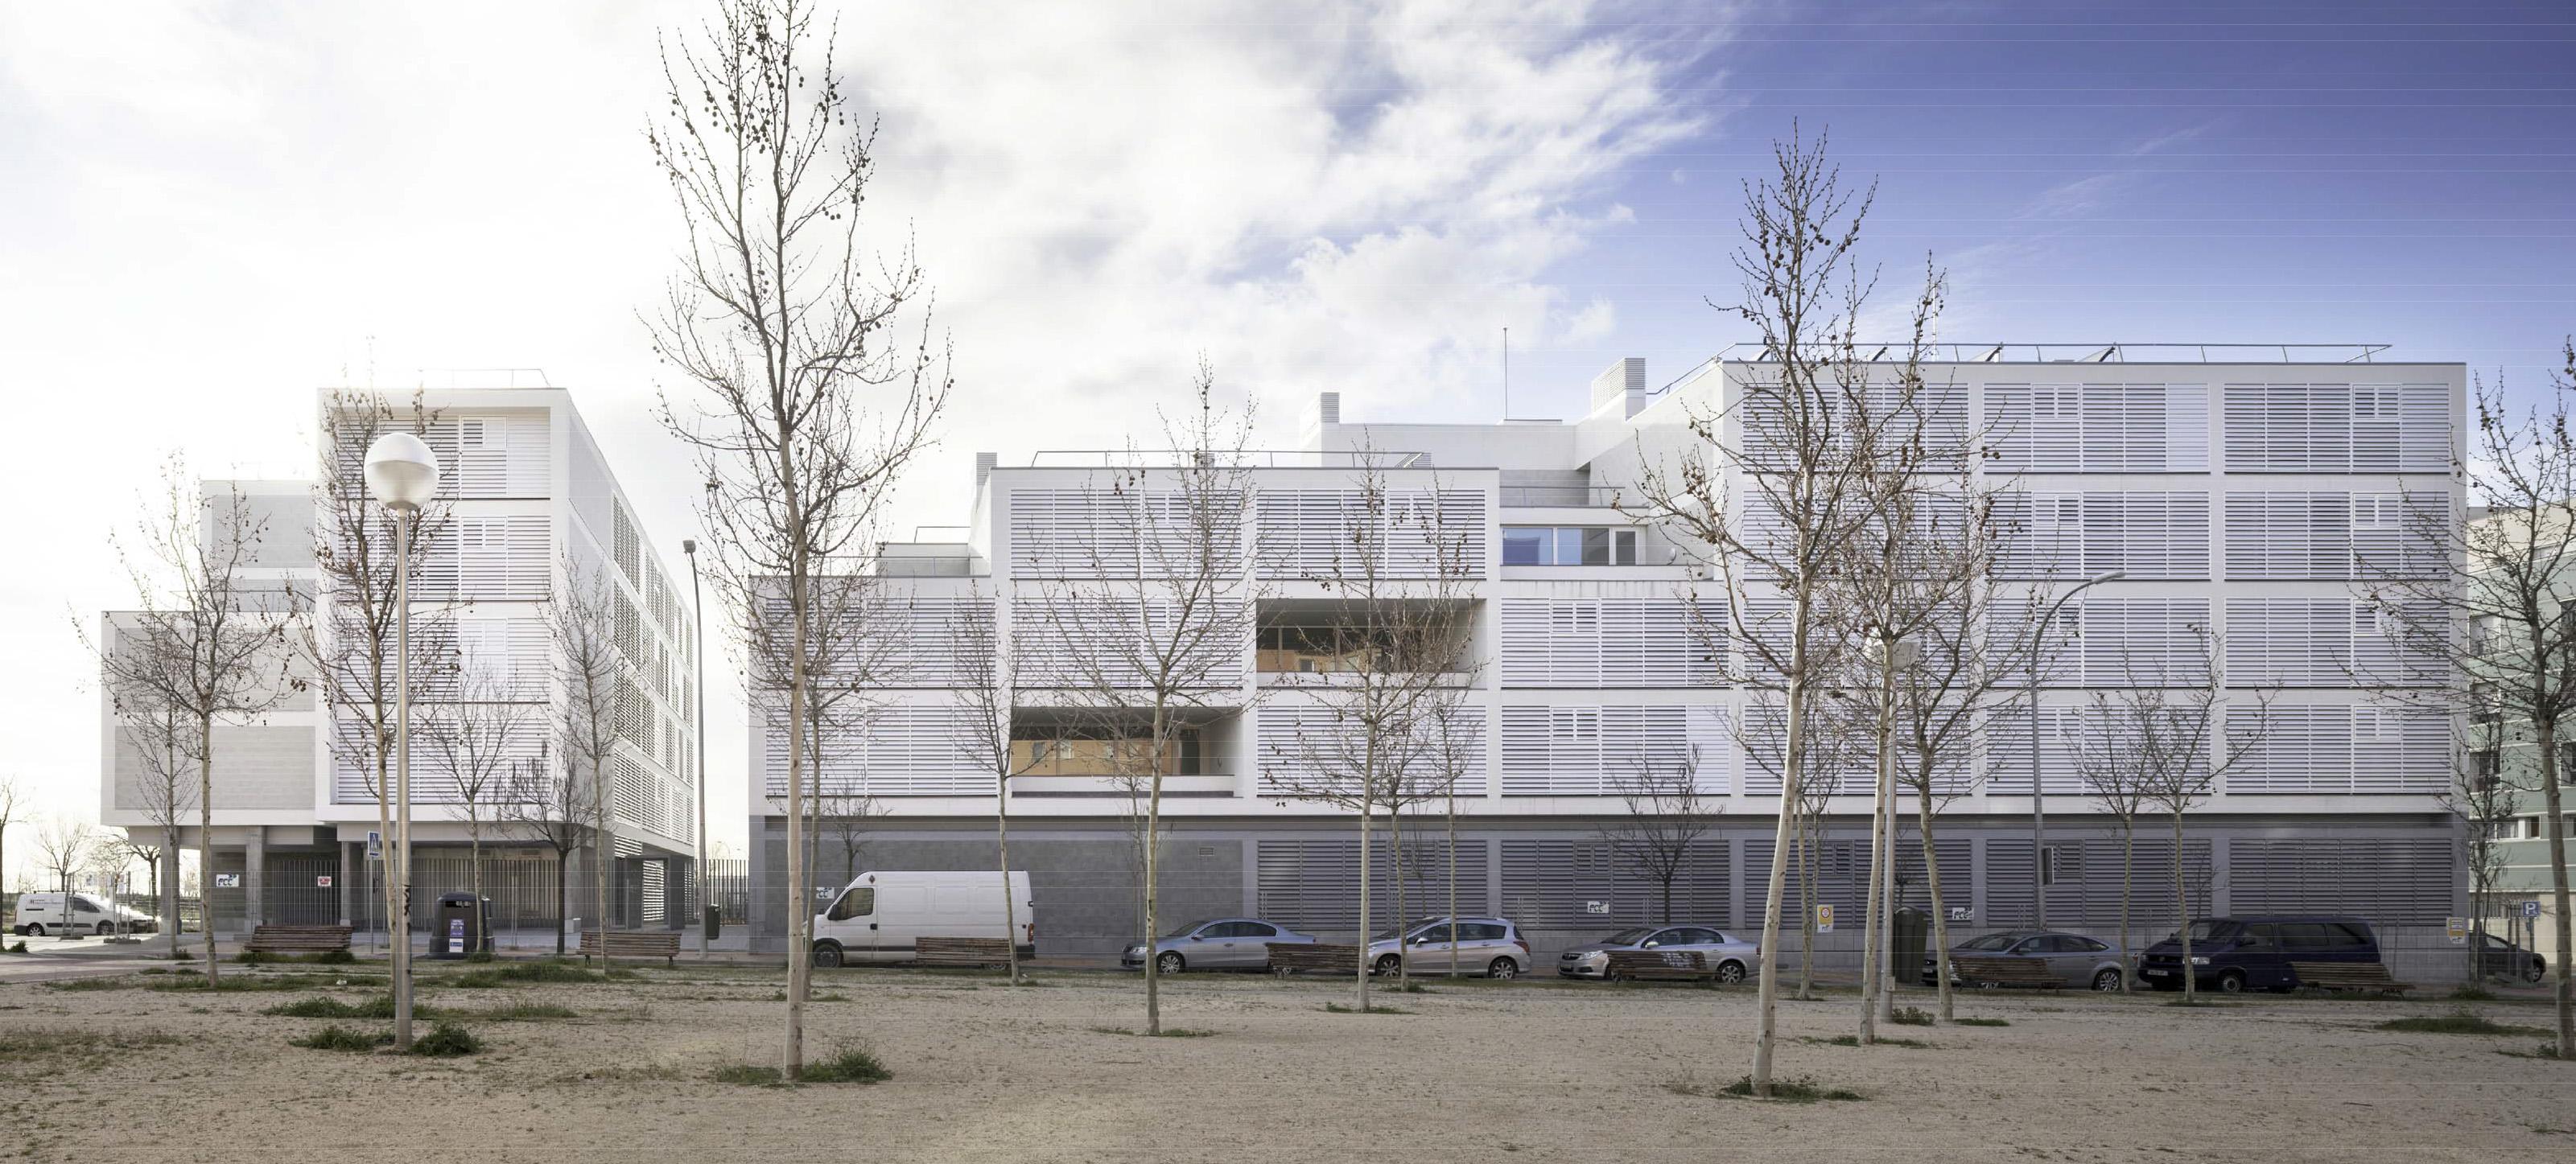 XIII-BEAU - España - Premiado - 163 viviendas de protección oficial en Vallecas